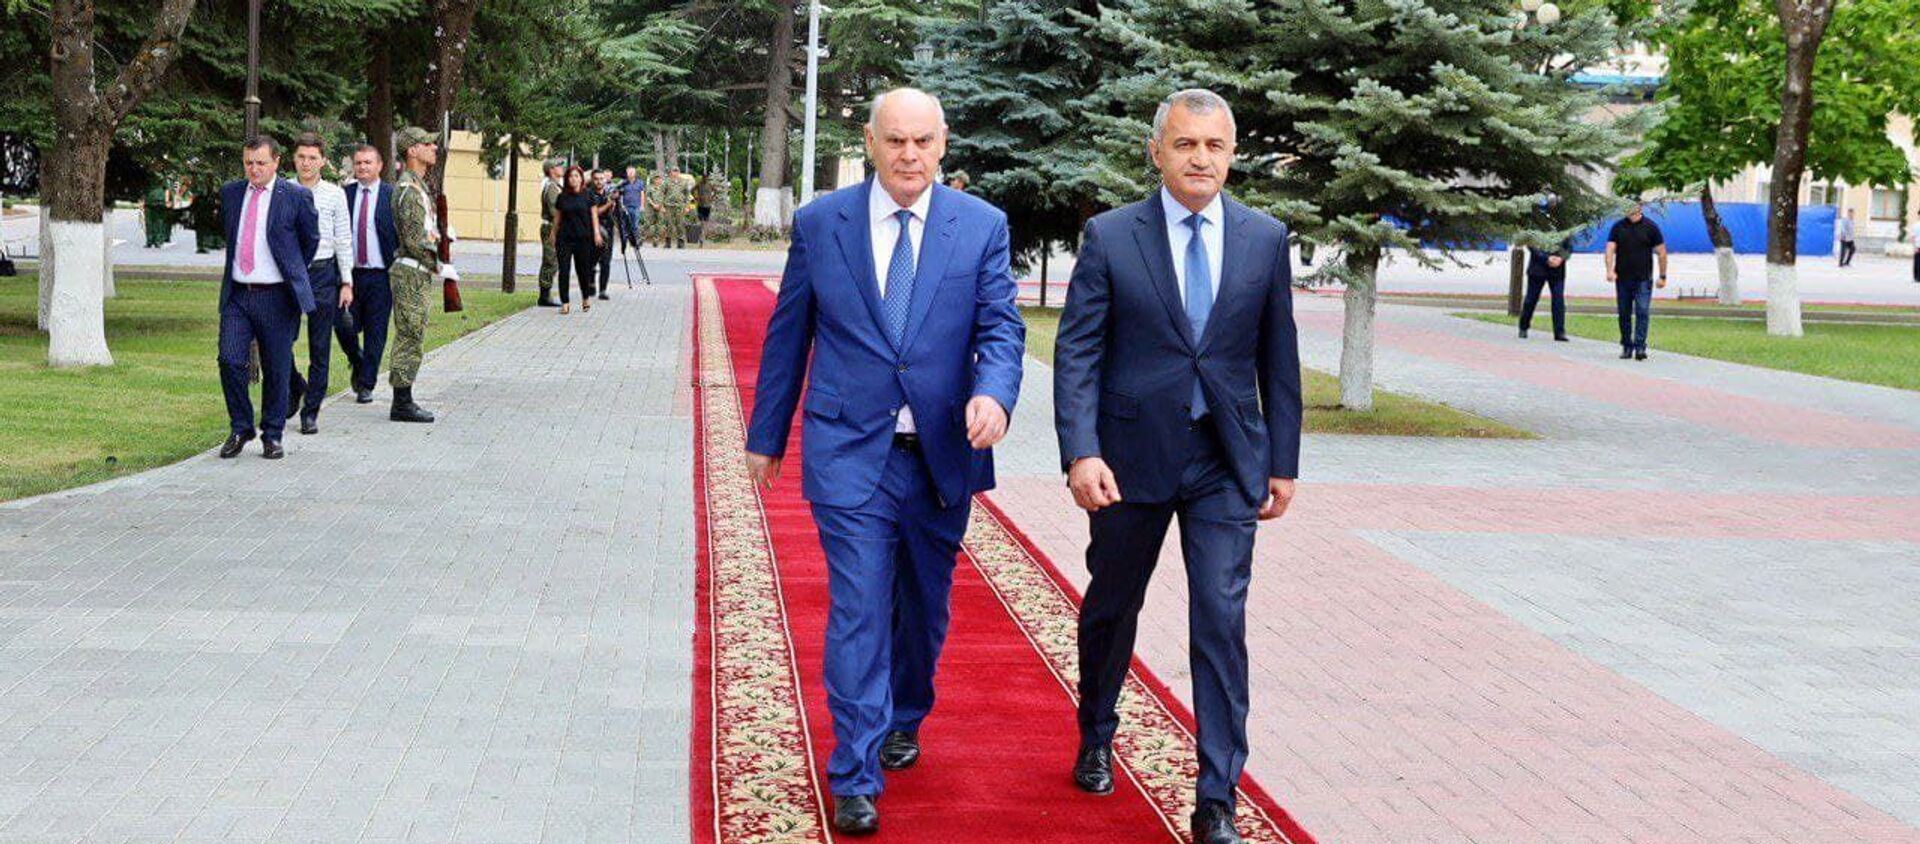 Абхазская делегация во главе с Асланом Бжания прибыла в Цхинвал 6 августа для участия в памятных мероприятиях, приуроченных к 13-й годовщине грузинской агрессии в августе 2008 года. - Sputnik Аҧсны, 1920, 09.08.2021